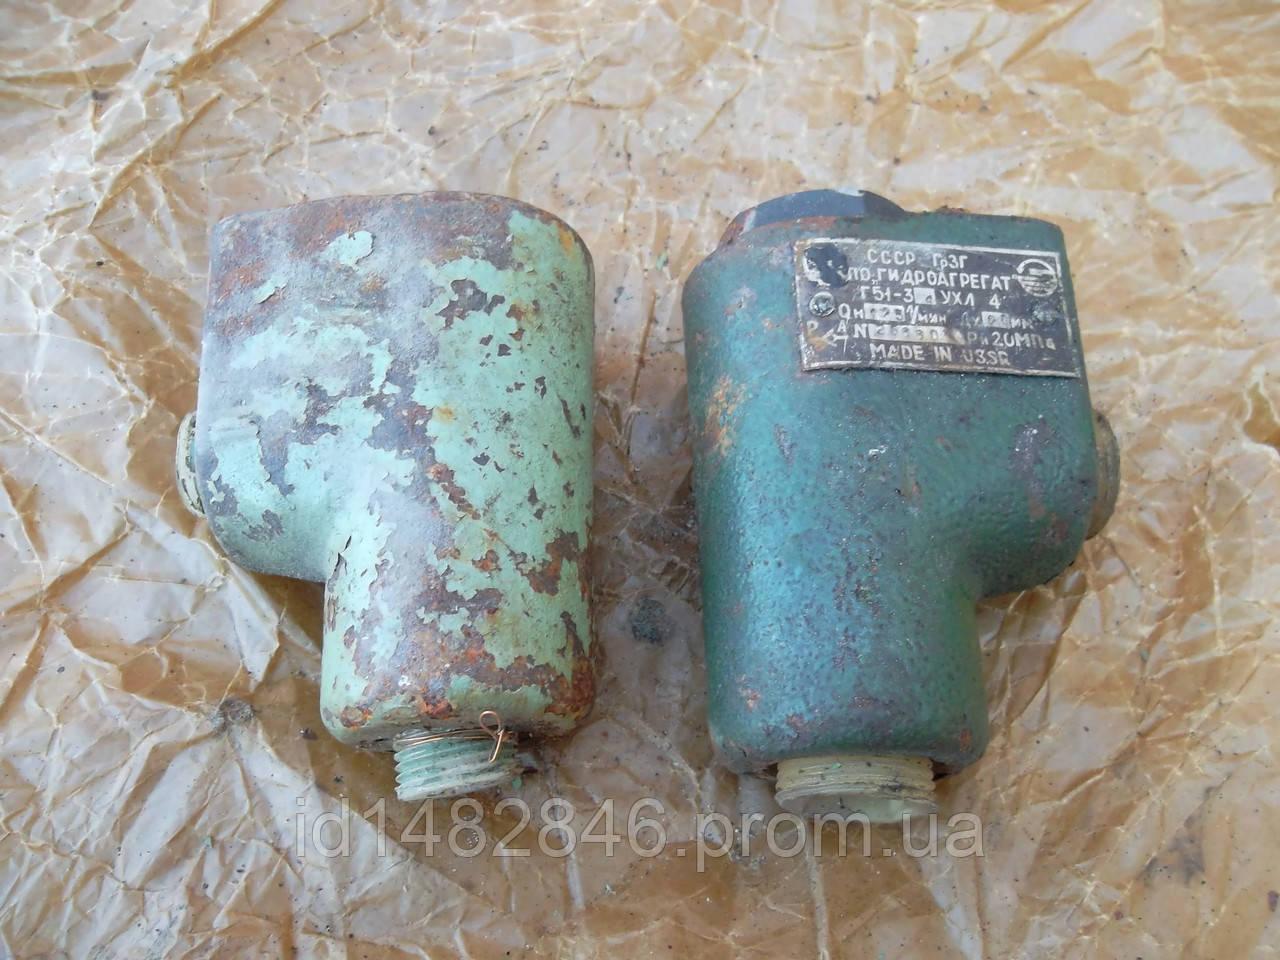 Гидроклапан обратный Г51-34